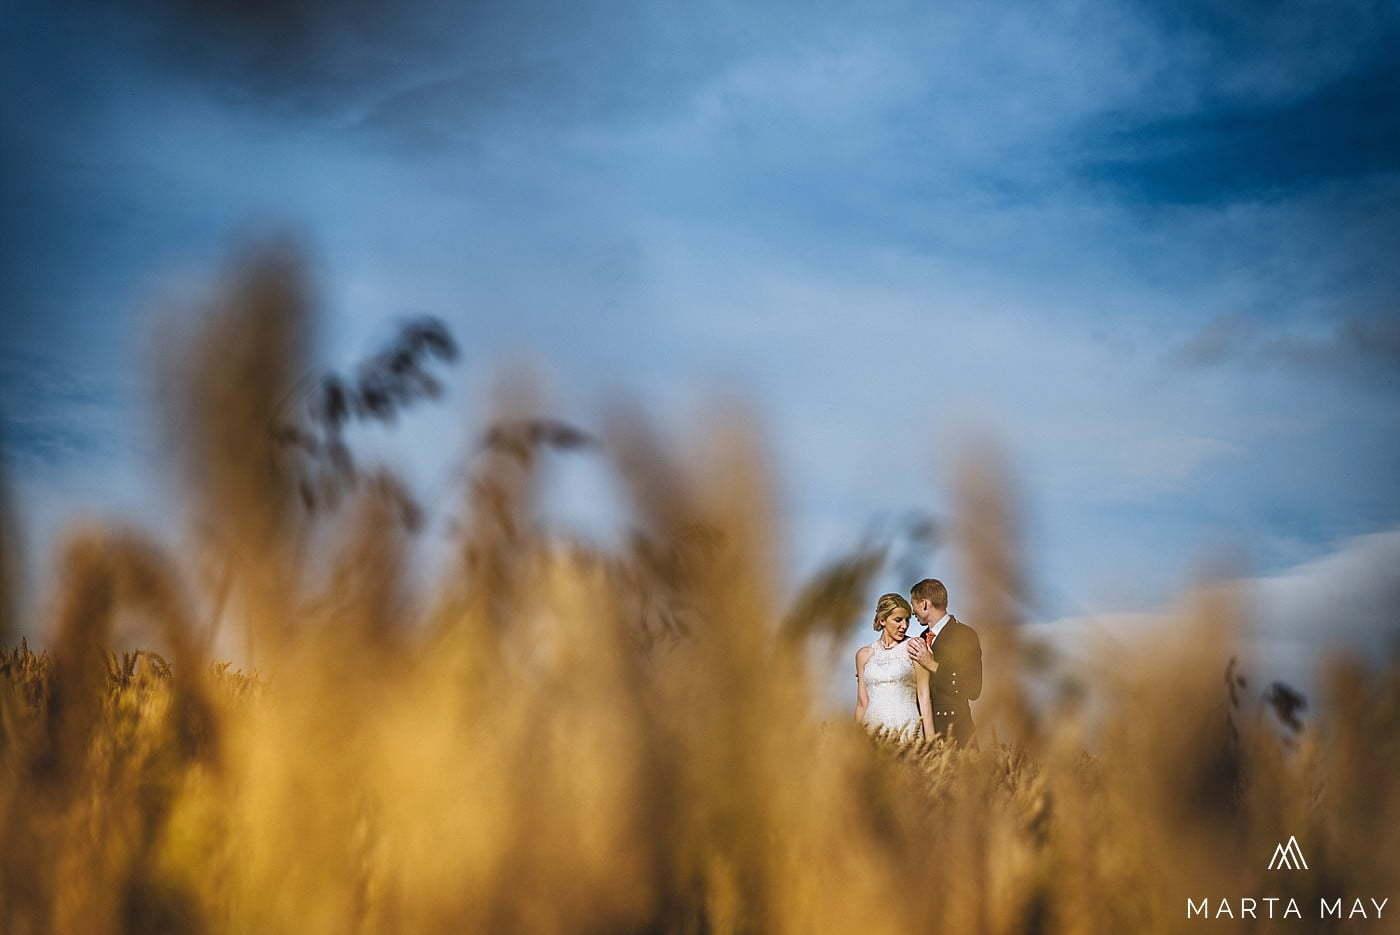 Herefordshire wedding photographers Brinsop Court fields